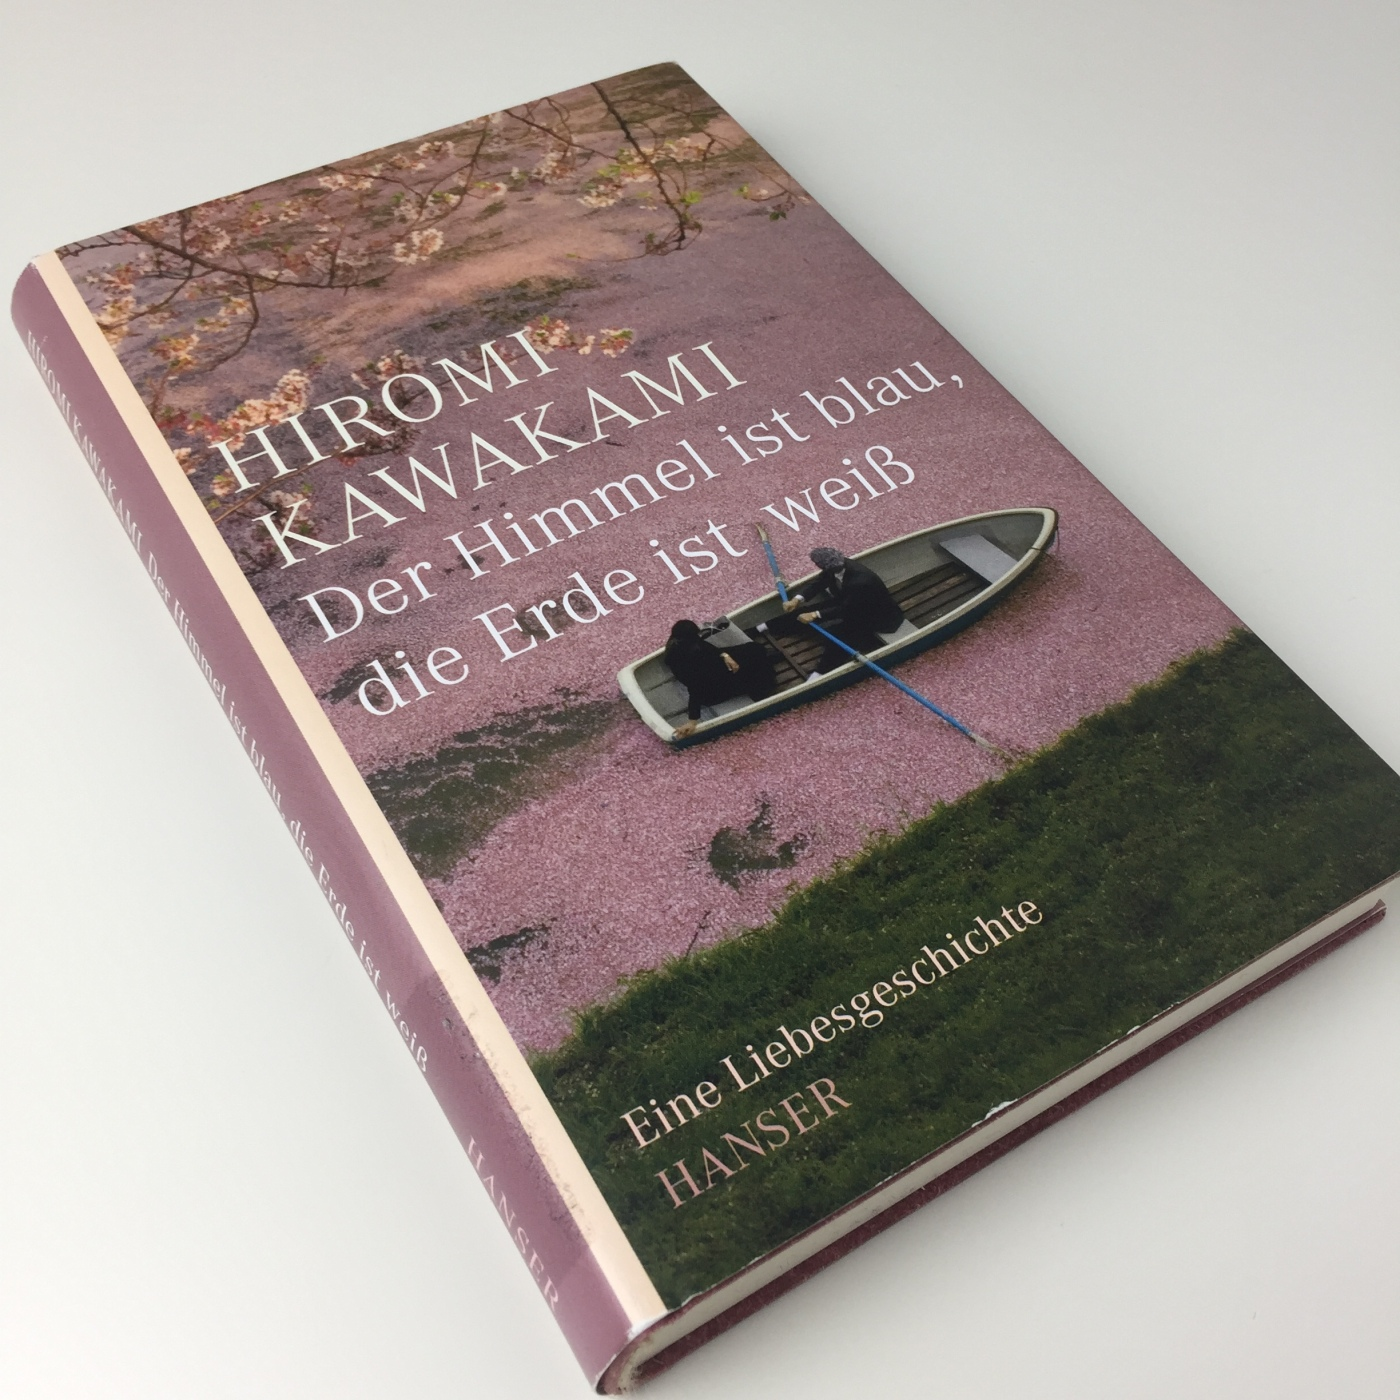 Hiromi Kawakami – Der Himmel ist blau, die Erde ist weiß